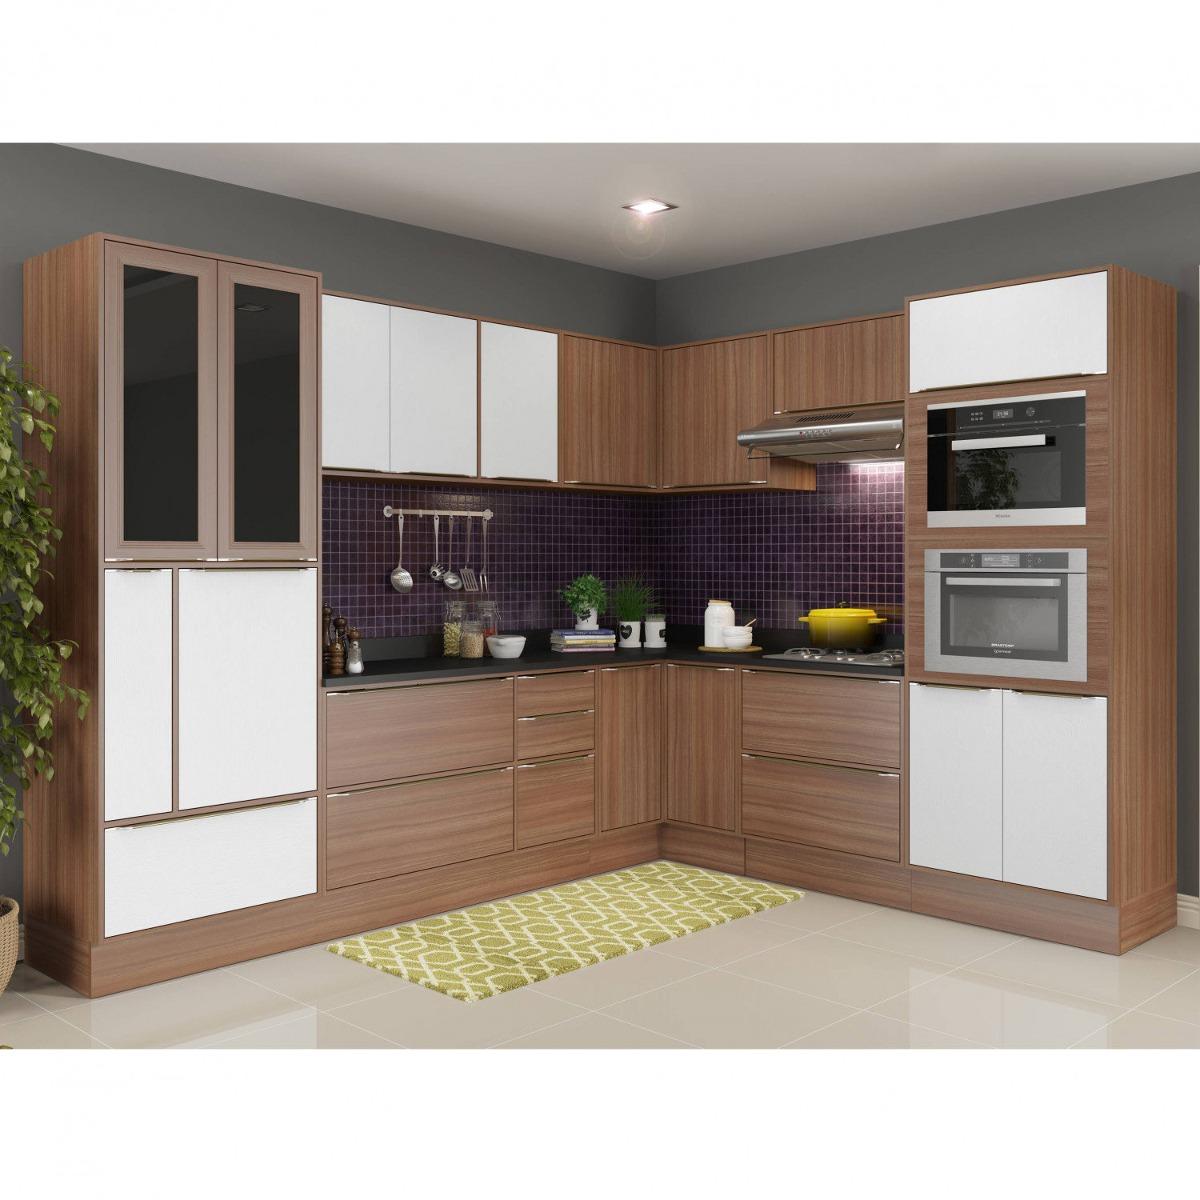 Cozinha Completa 15 M Dulos 19 Portas Cal Bria Jfwt R 3 455 90 Em